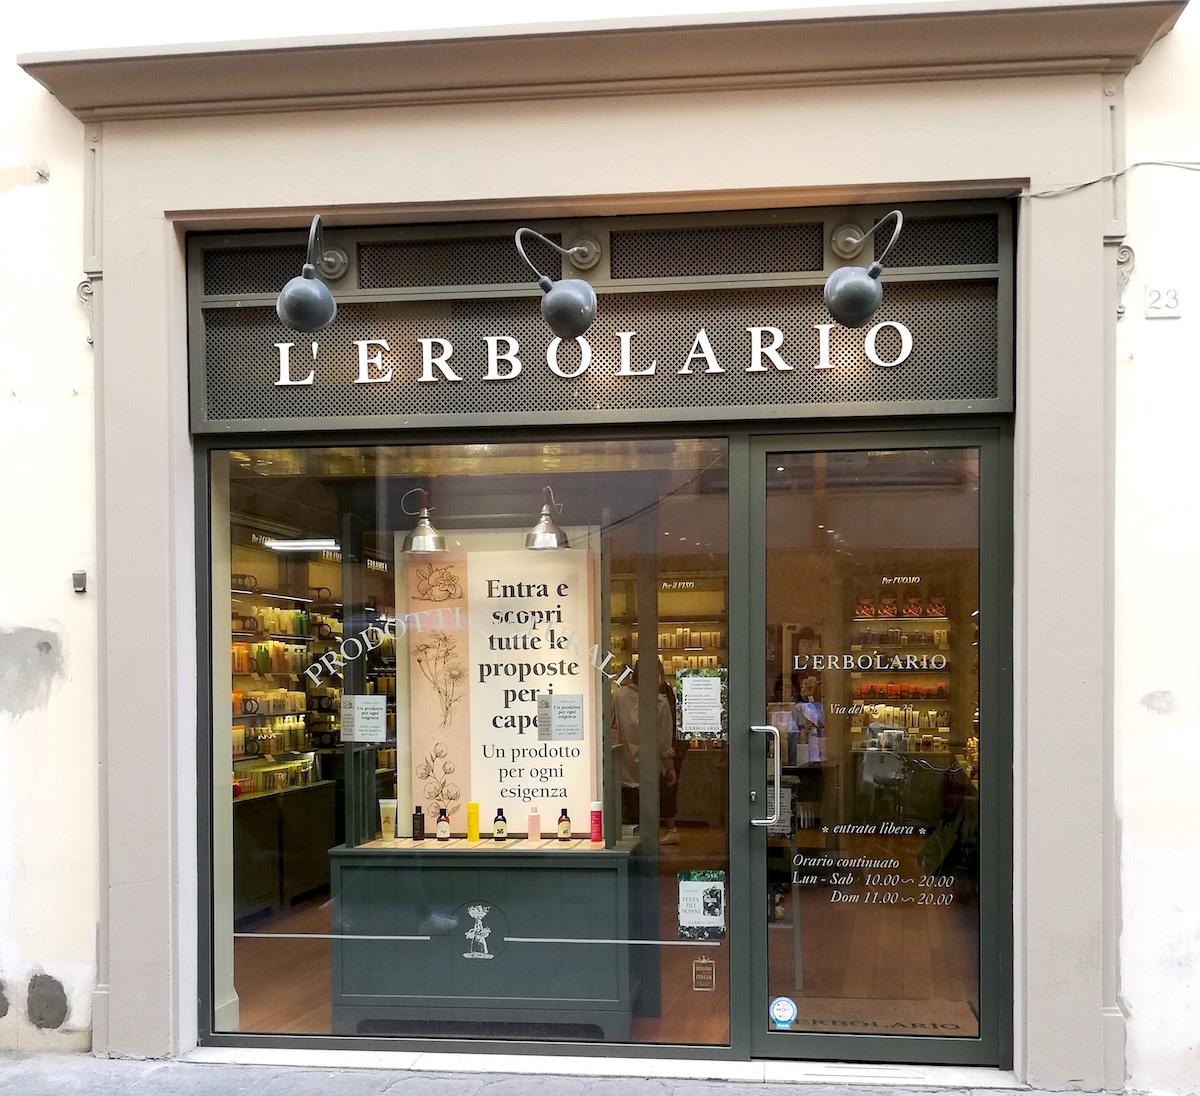 レルボラリオ、l'erbolario、レルボラリオウィンドウ、レルボラリオ店舗、ハーブ専門店